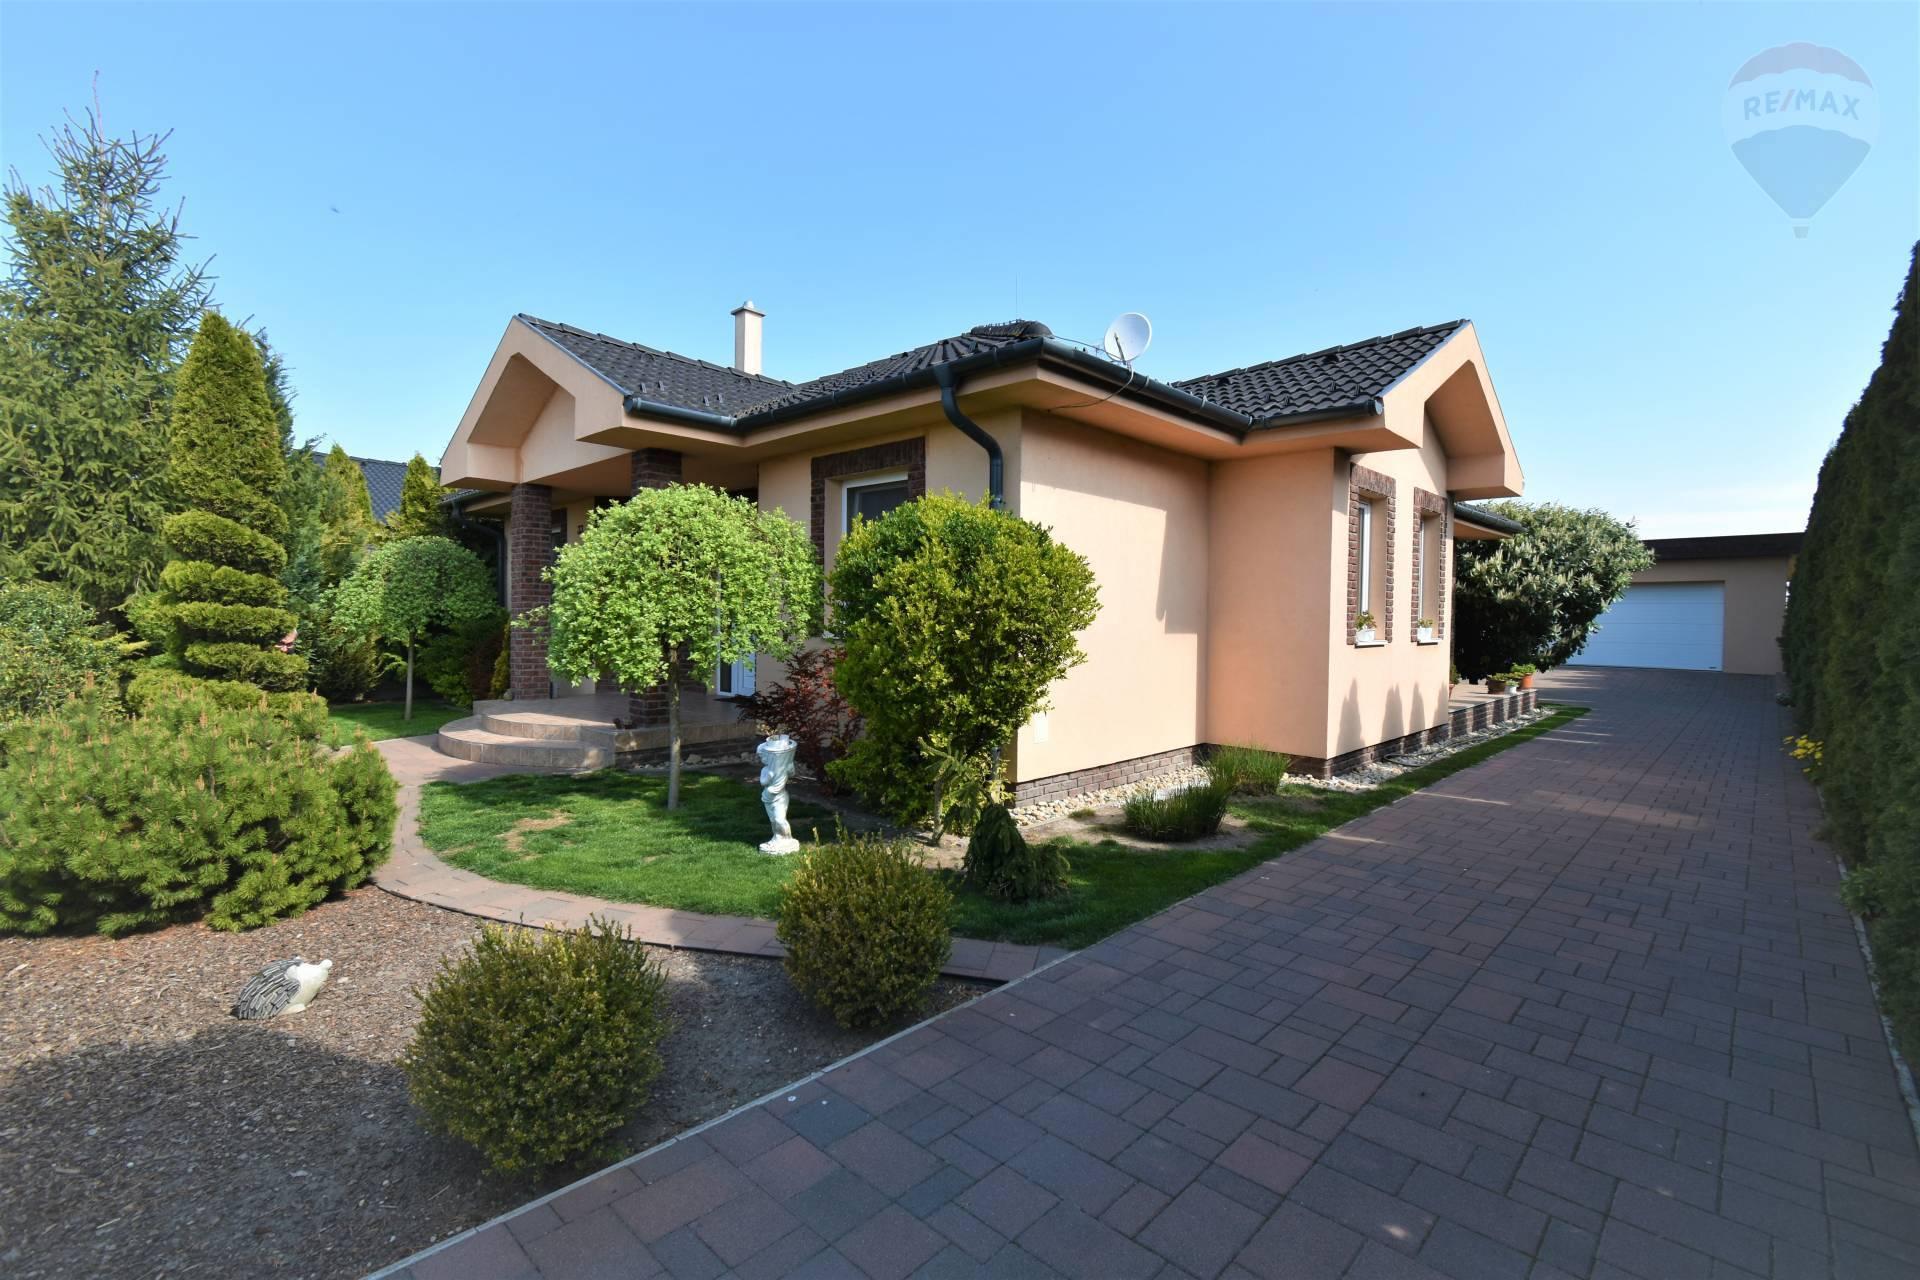 Predaj rodinného domu v Dunajskej Strede, 4 izby, pozemok 630 m2, dvojgaráž